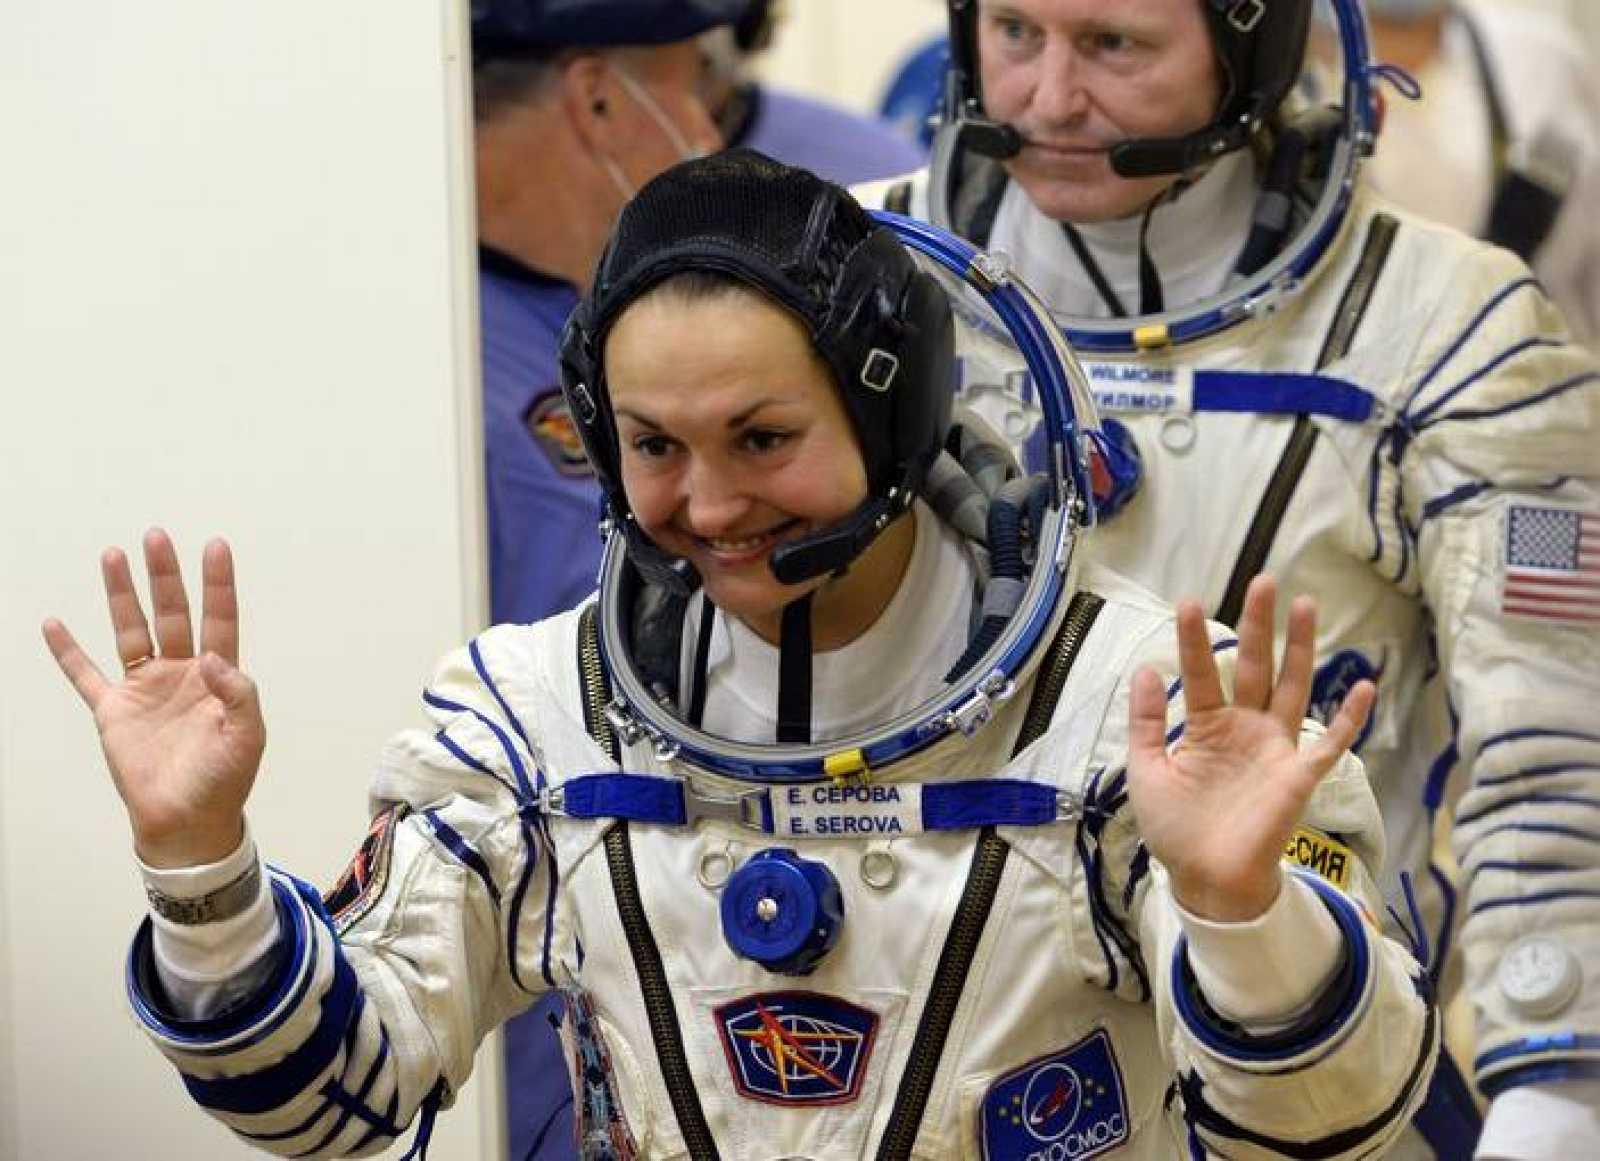 La cosmonauta rusa Yelena Serova durante la prueba de su traje espacial.